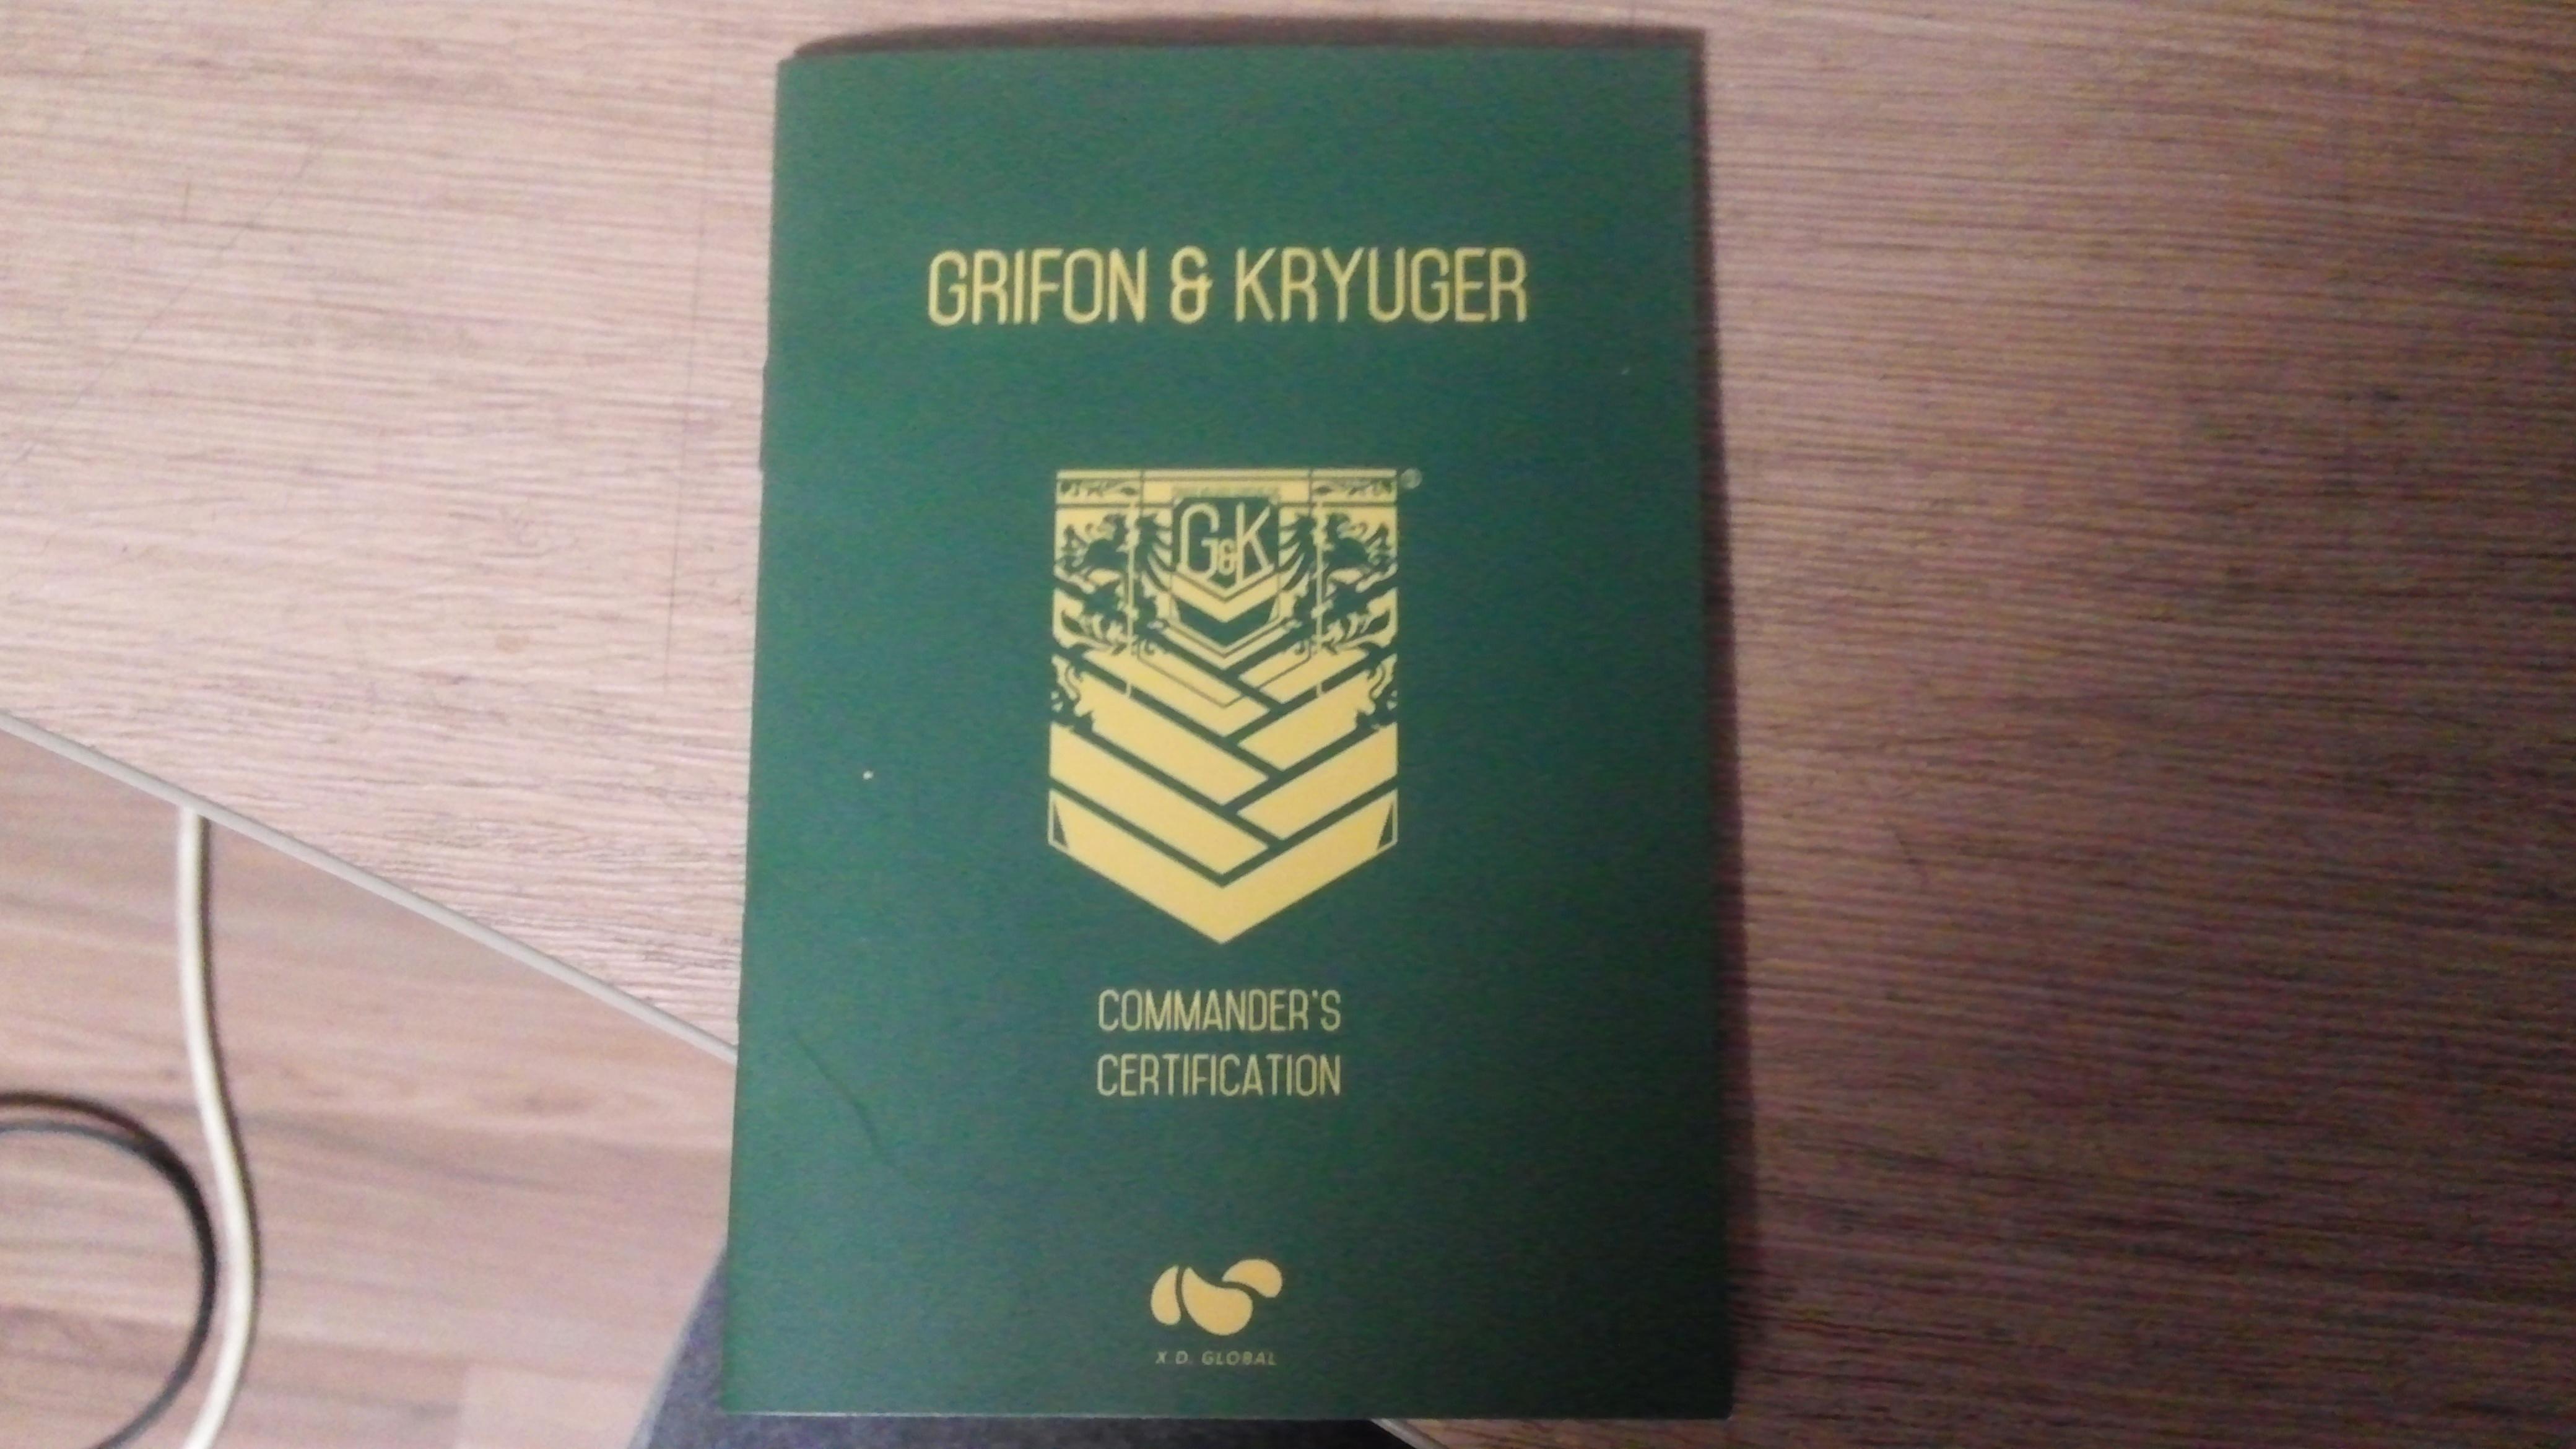 지스타2017 갔다왔습니다 - (5) 소녀전선 행사용 여권